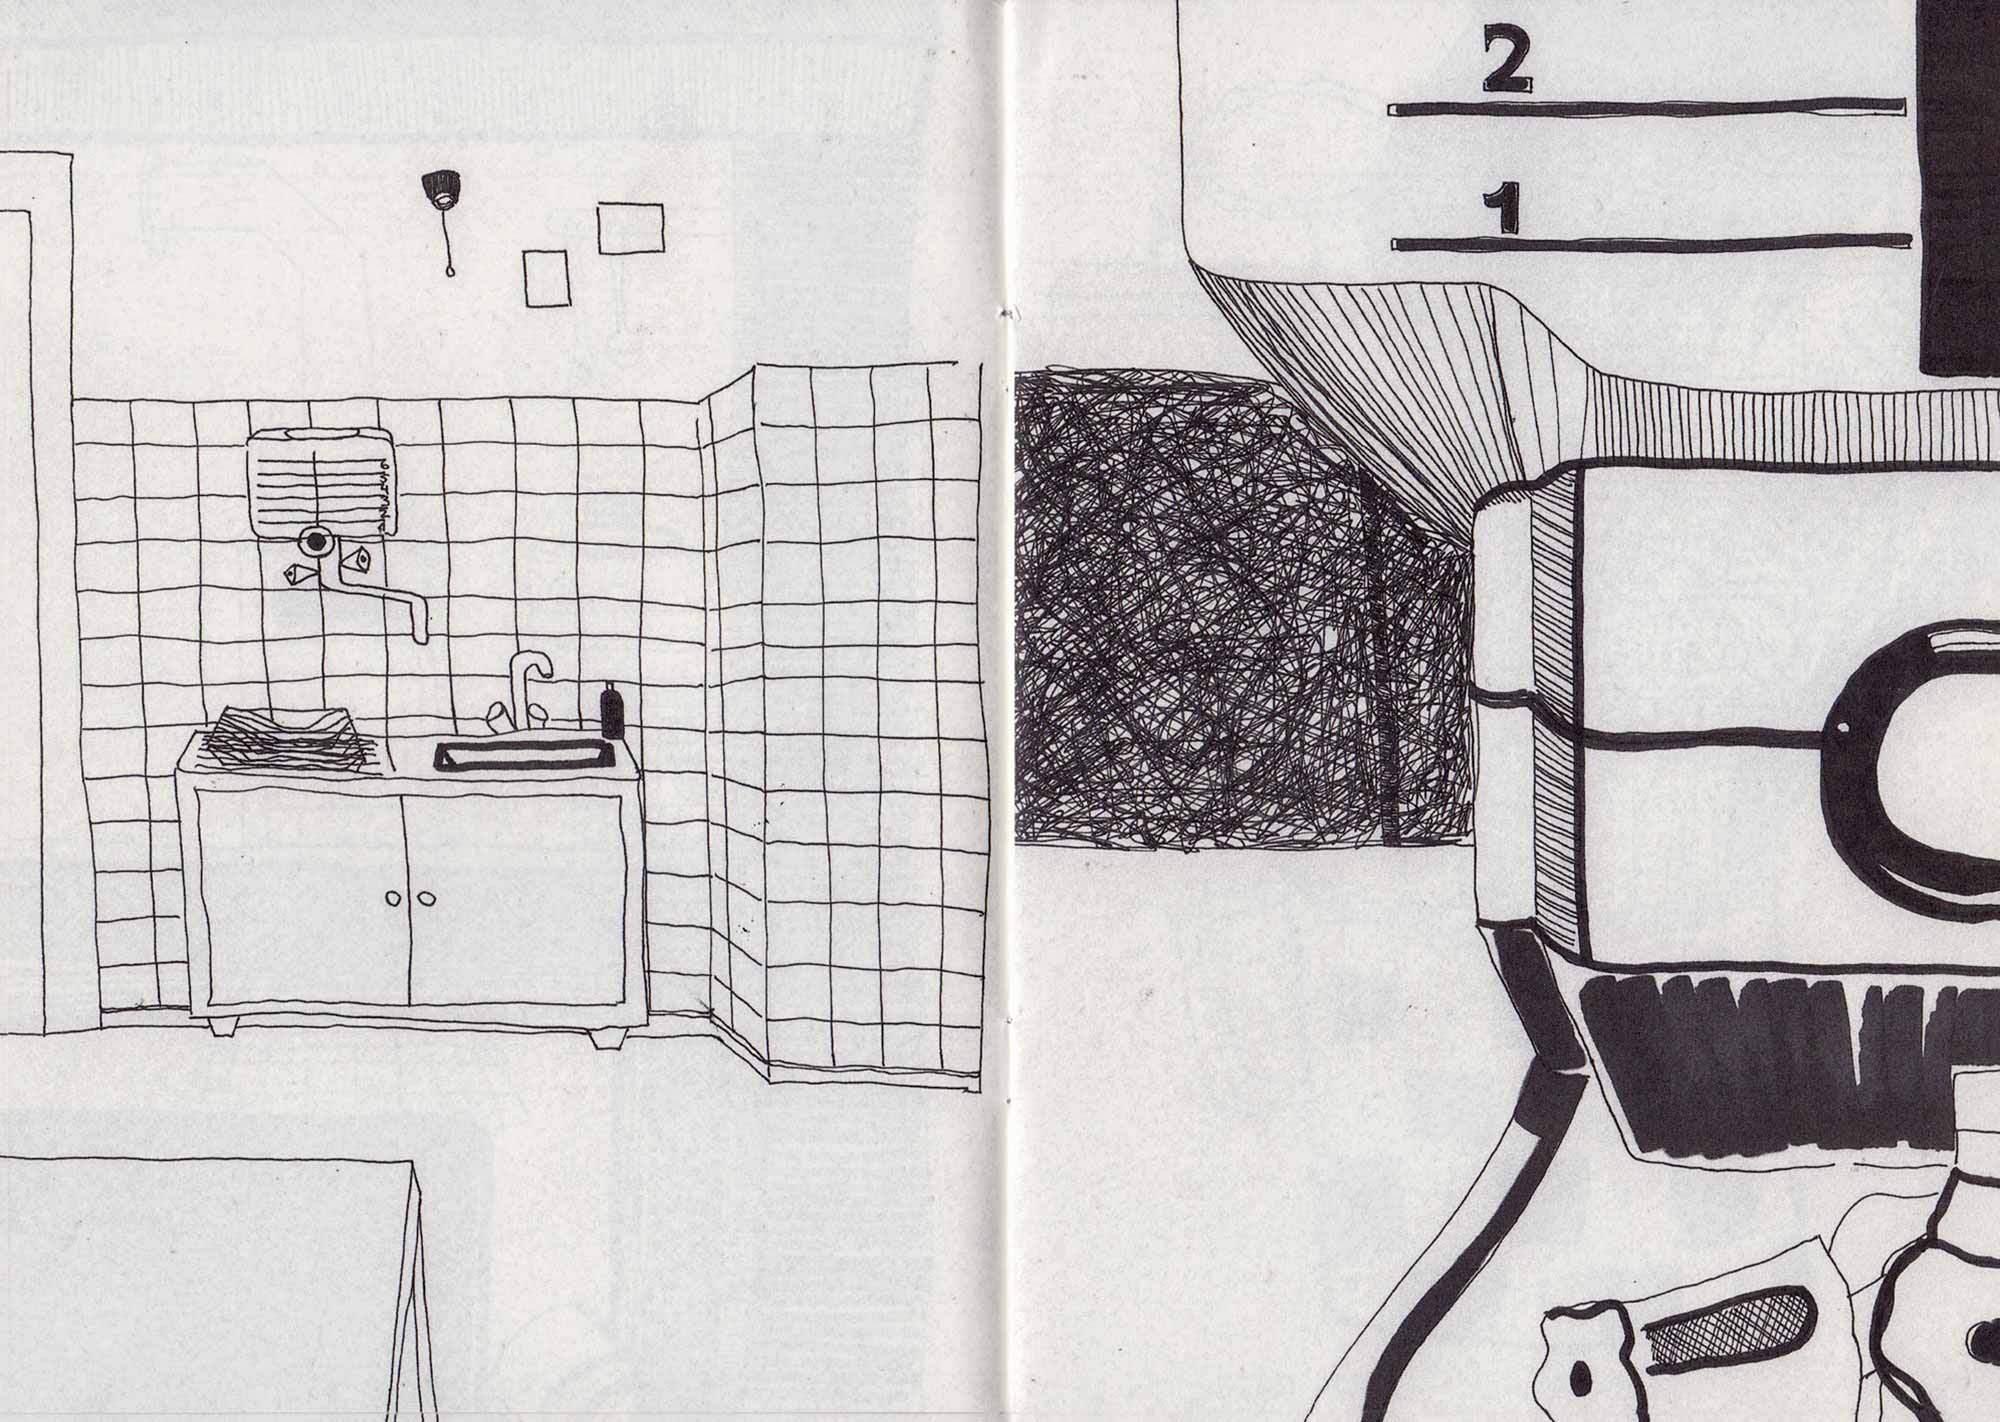 13-18-Scan-Print-16aus1337-5-web